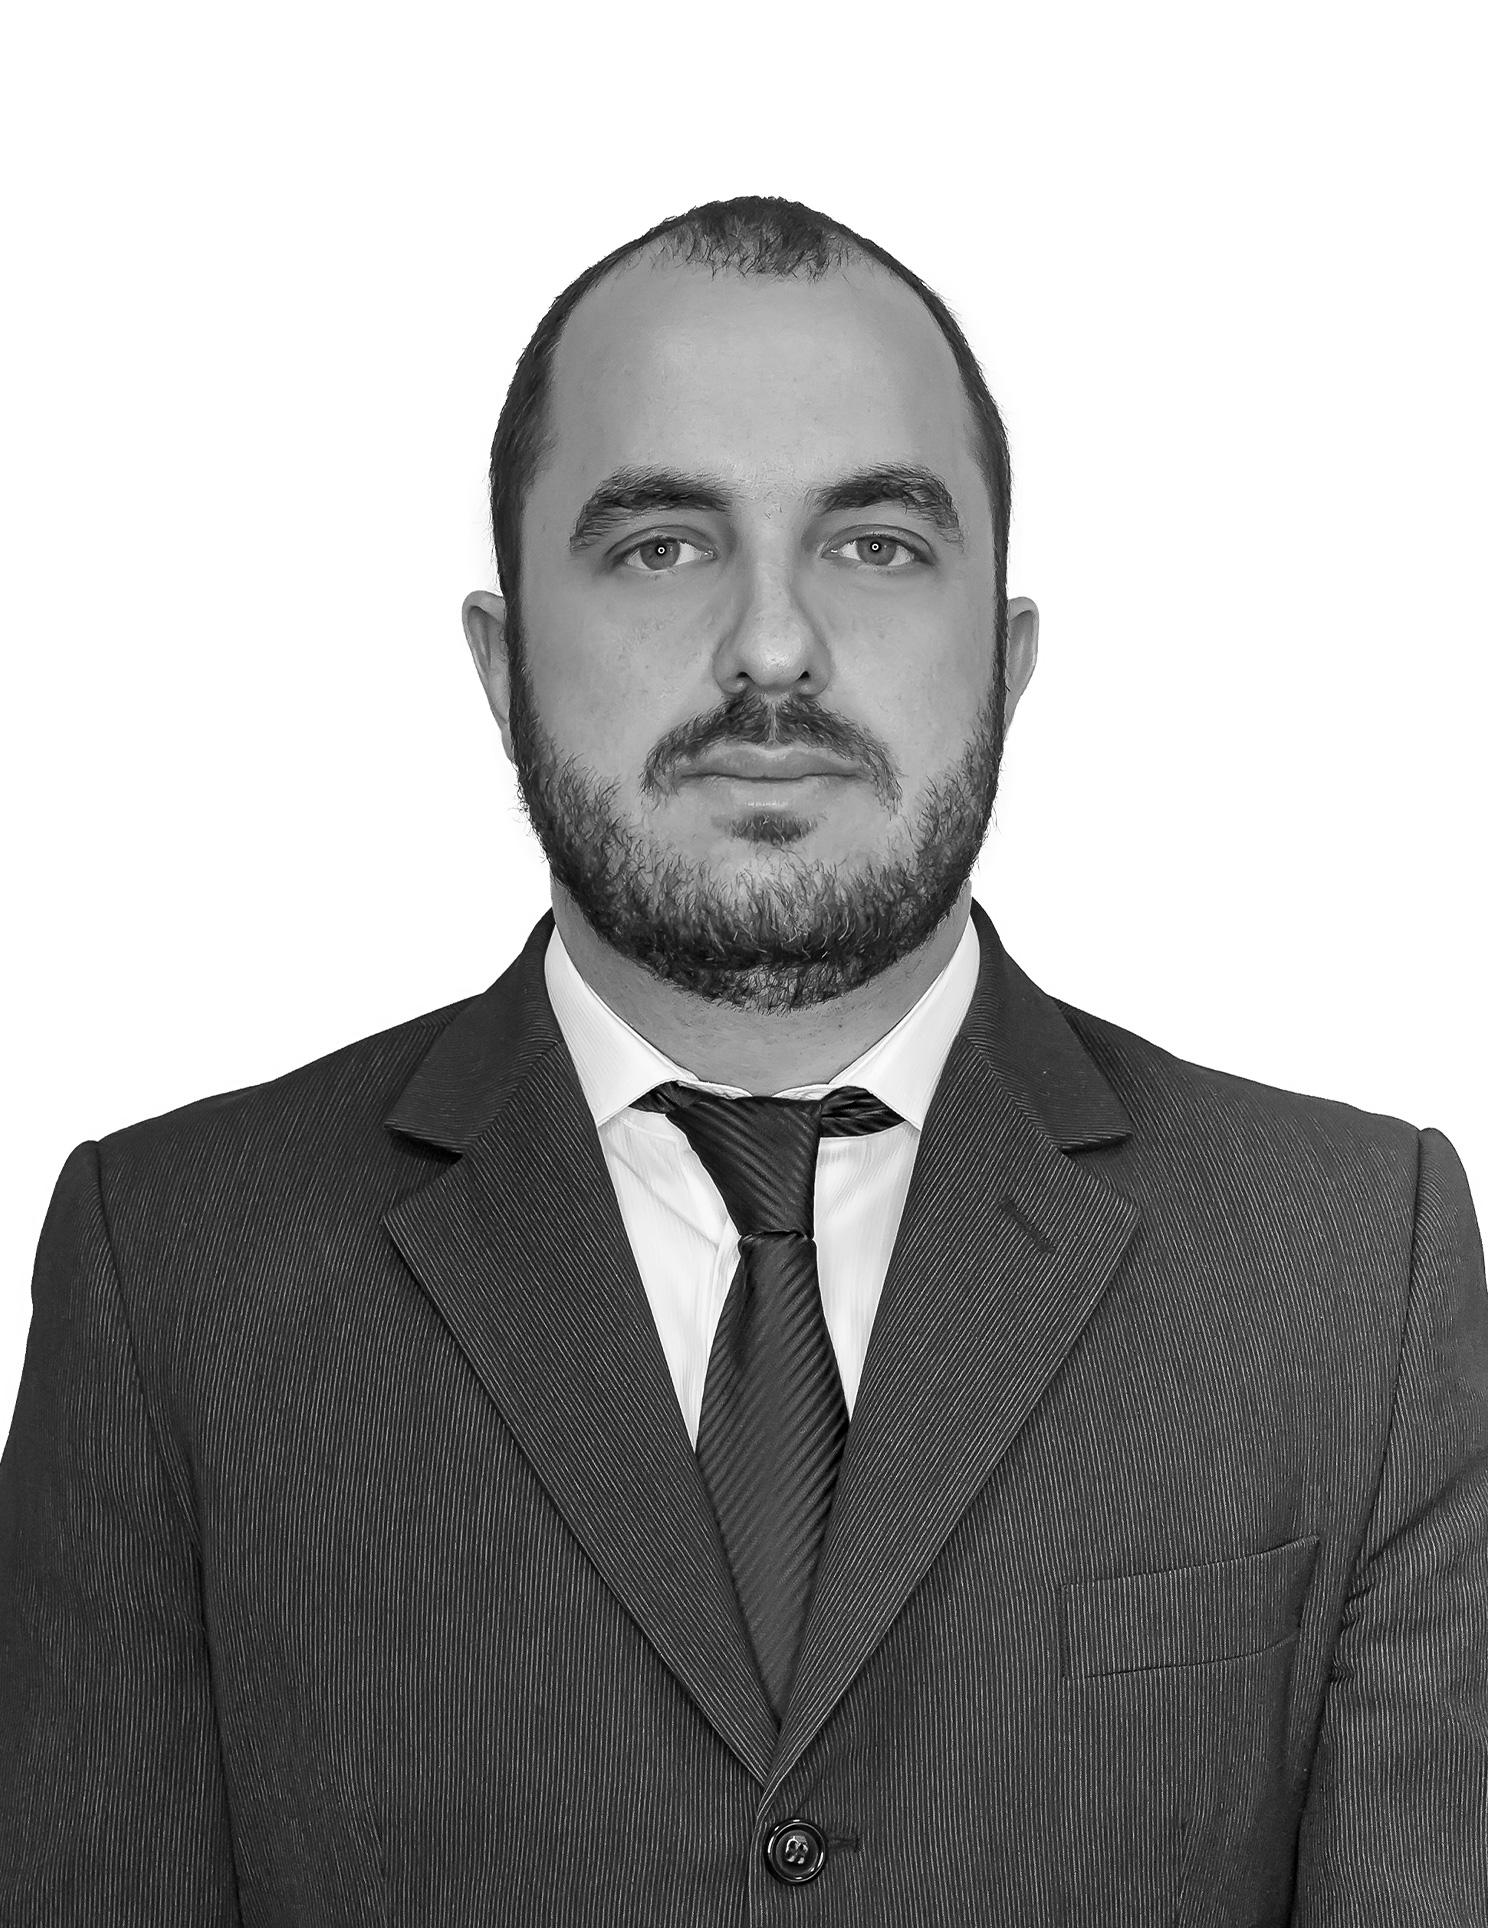 Geovani Xavier Bortolo